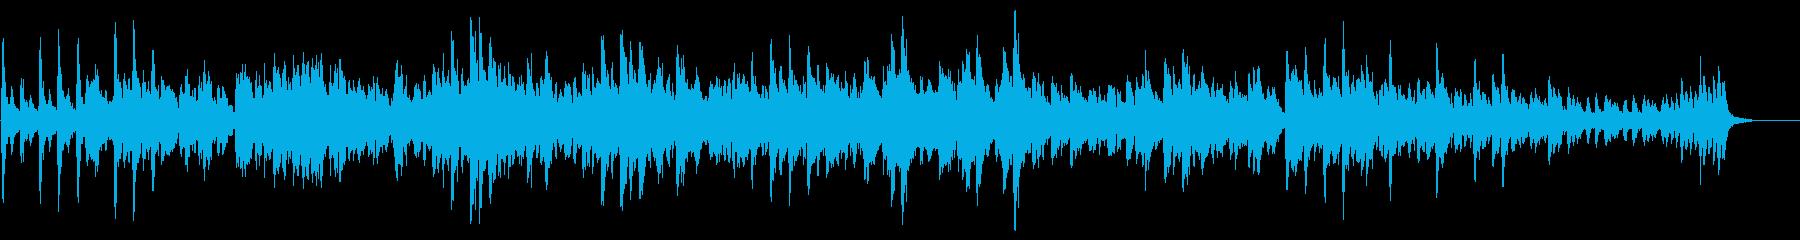 チャイコフスキー四季より3月ひばりの歌の再生済みの波形